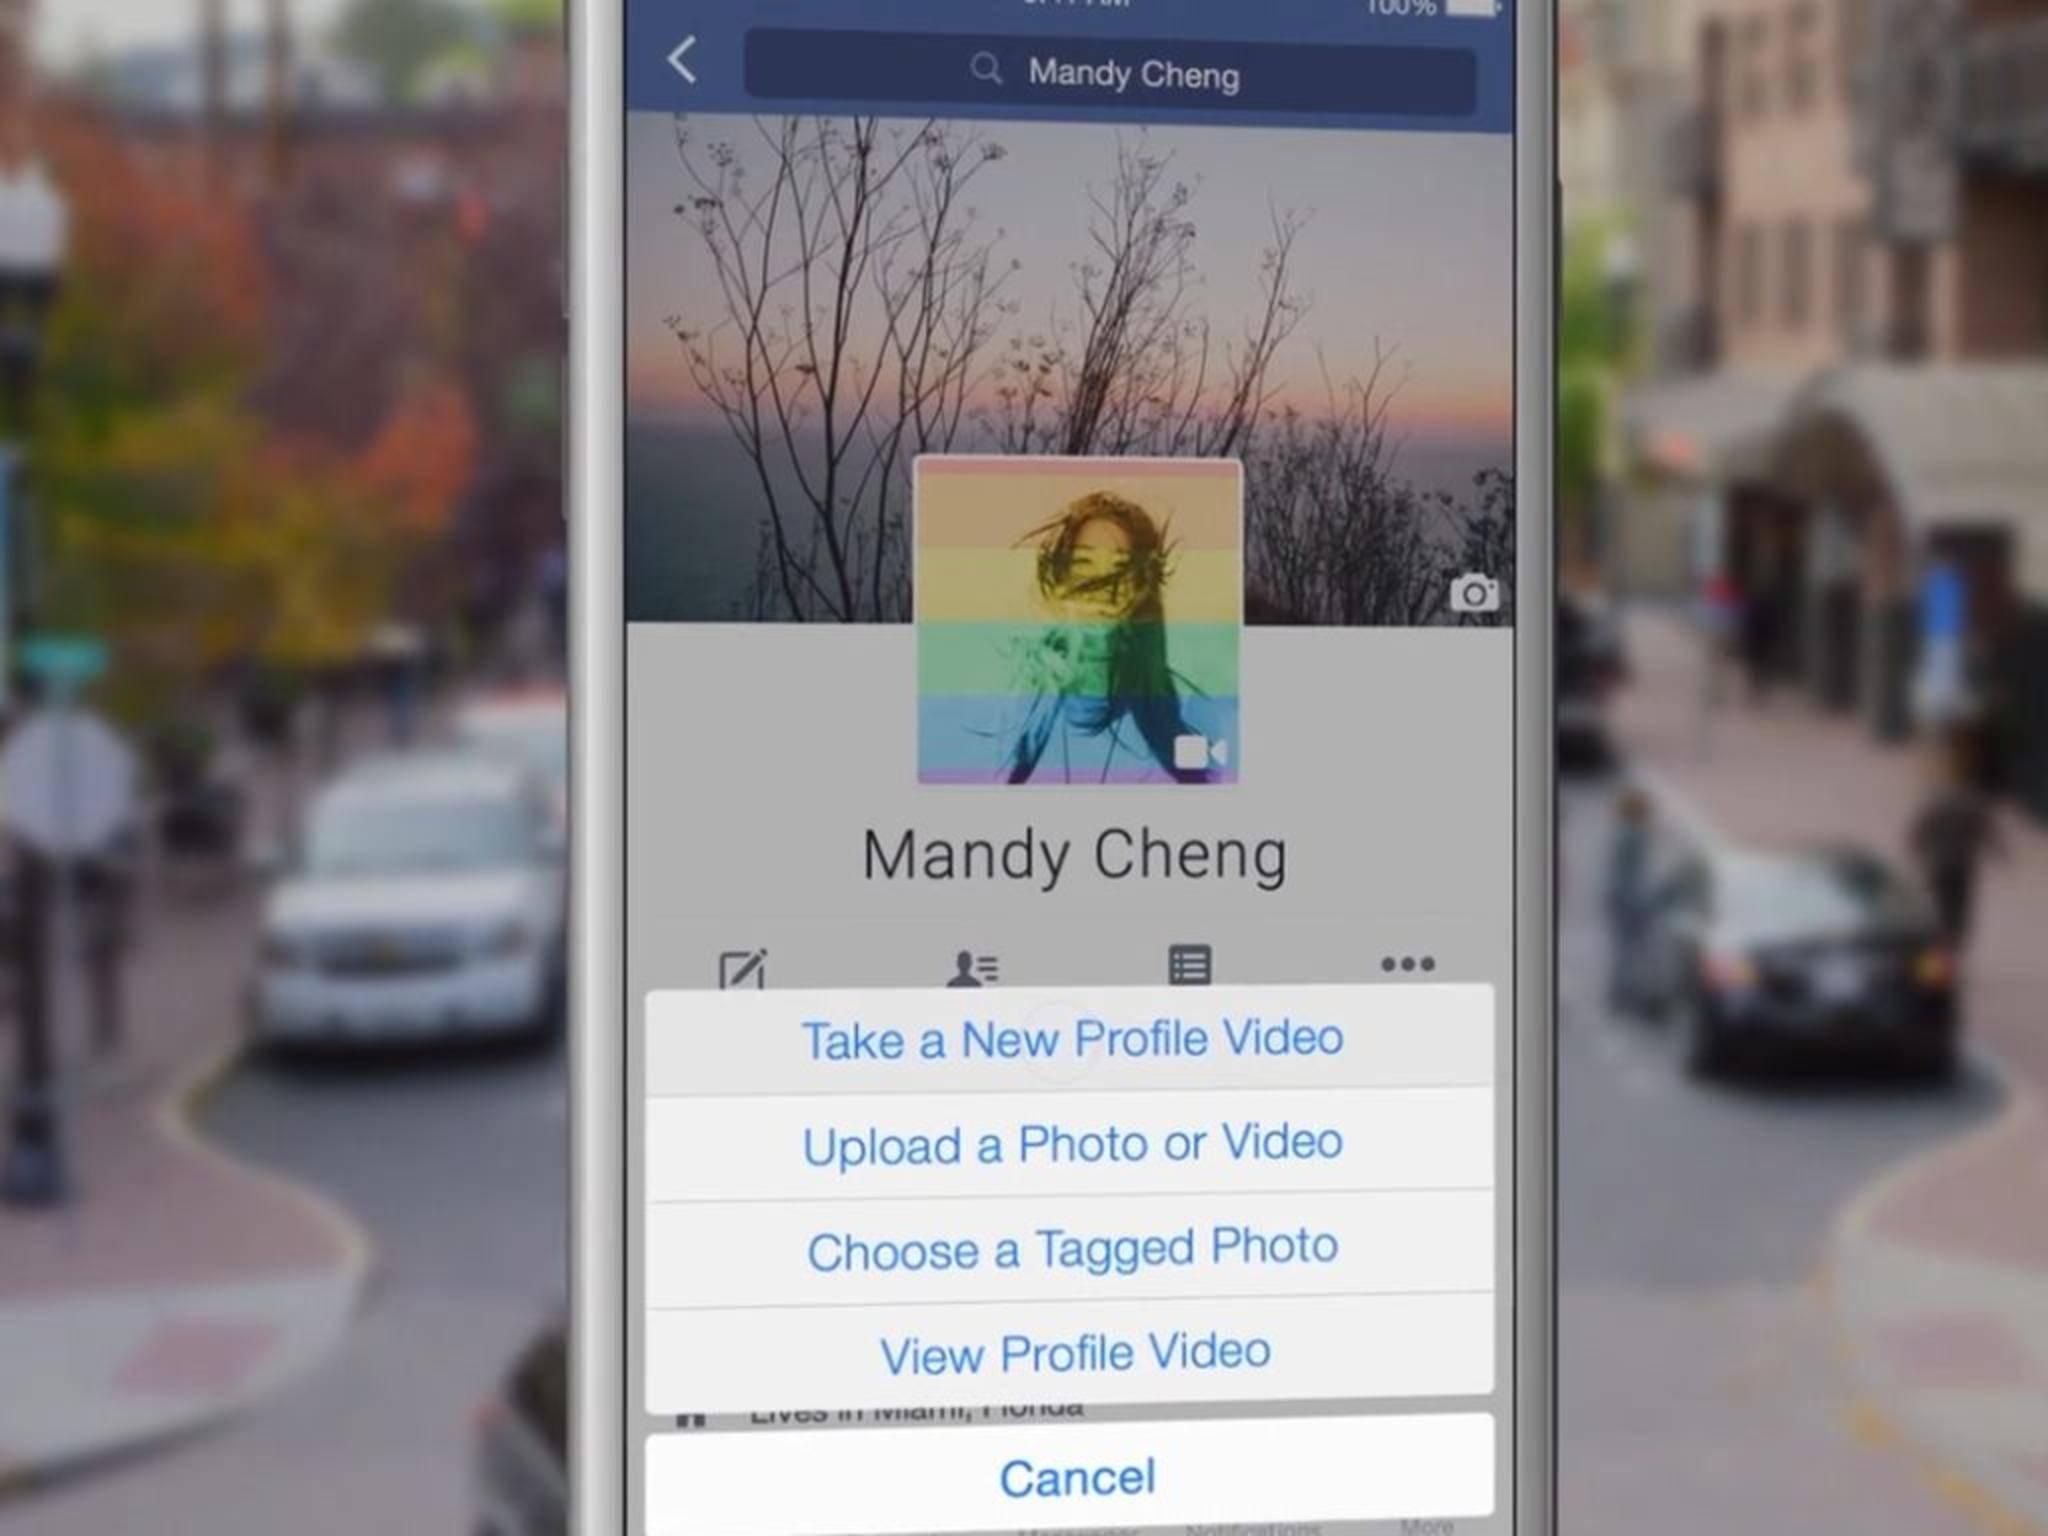 Per Update bekommen Facebook-Nutzer die Möglichkeit von Profilvideos eingeräumt.